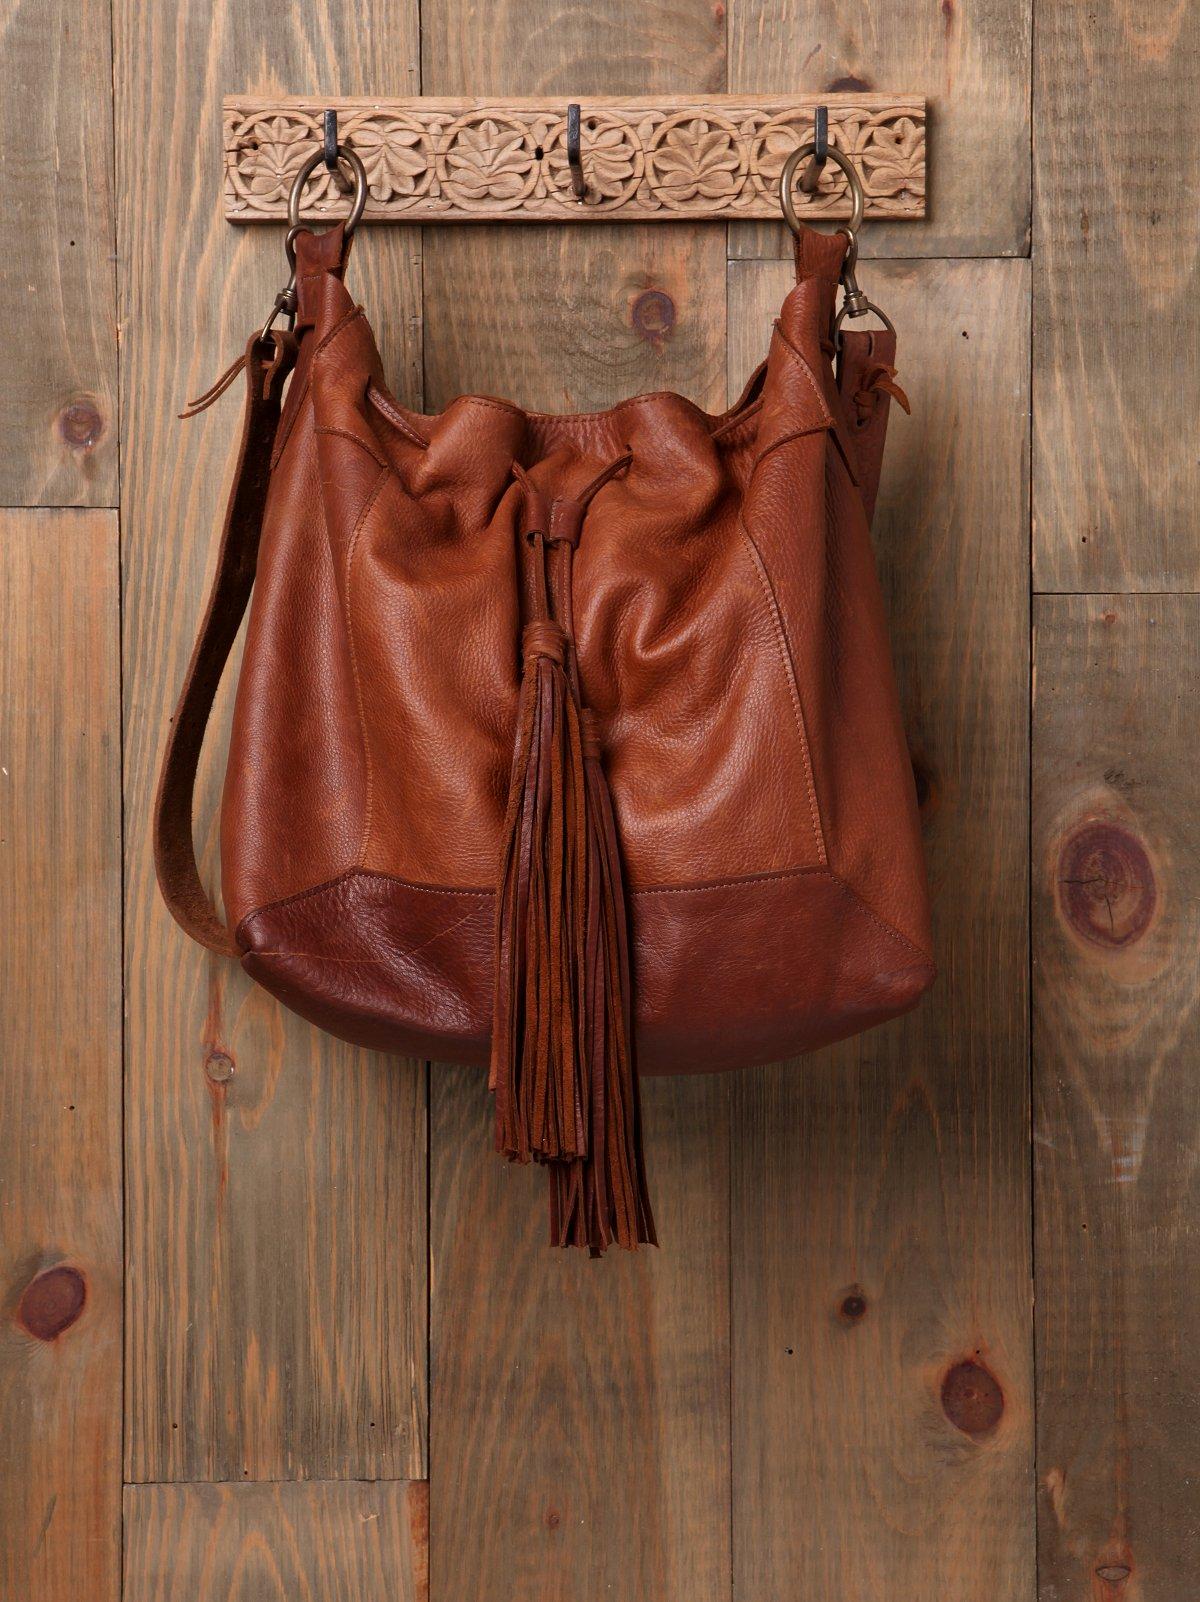 Phoenix Tassle Handbag